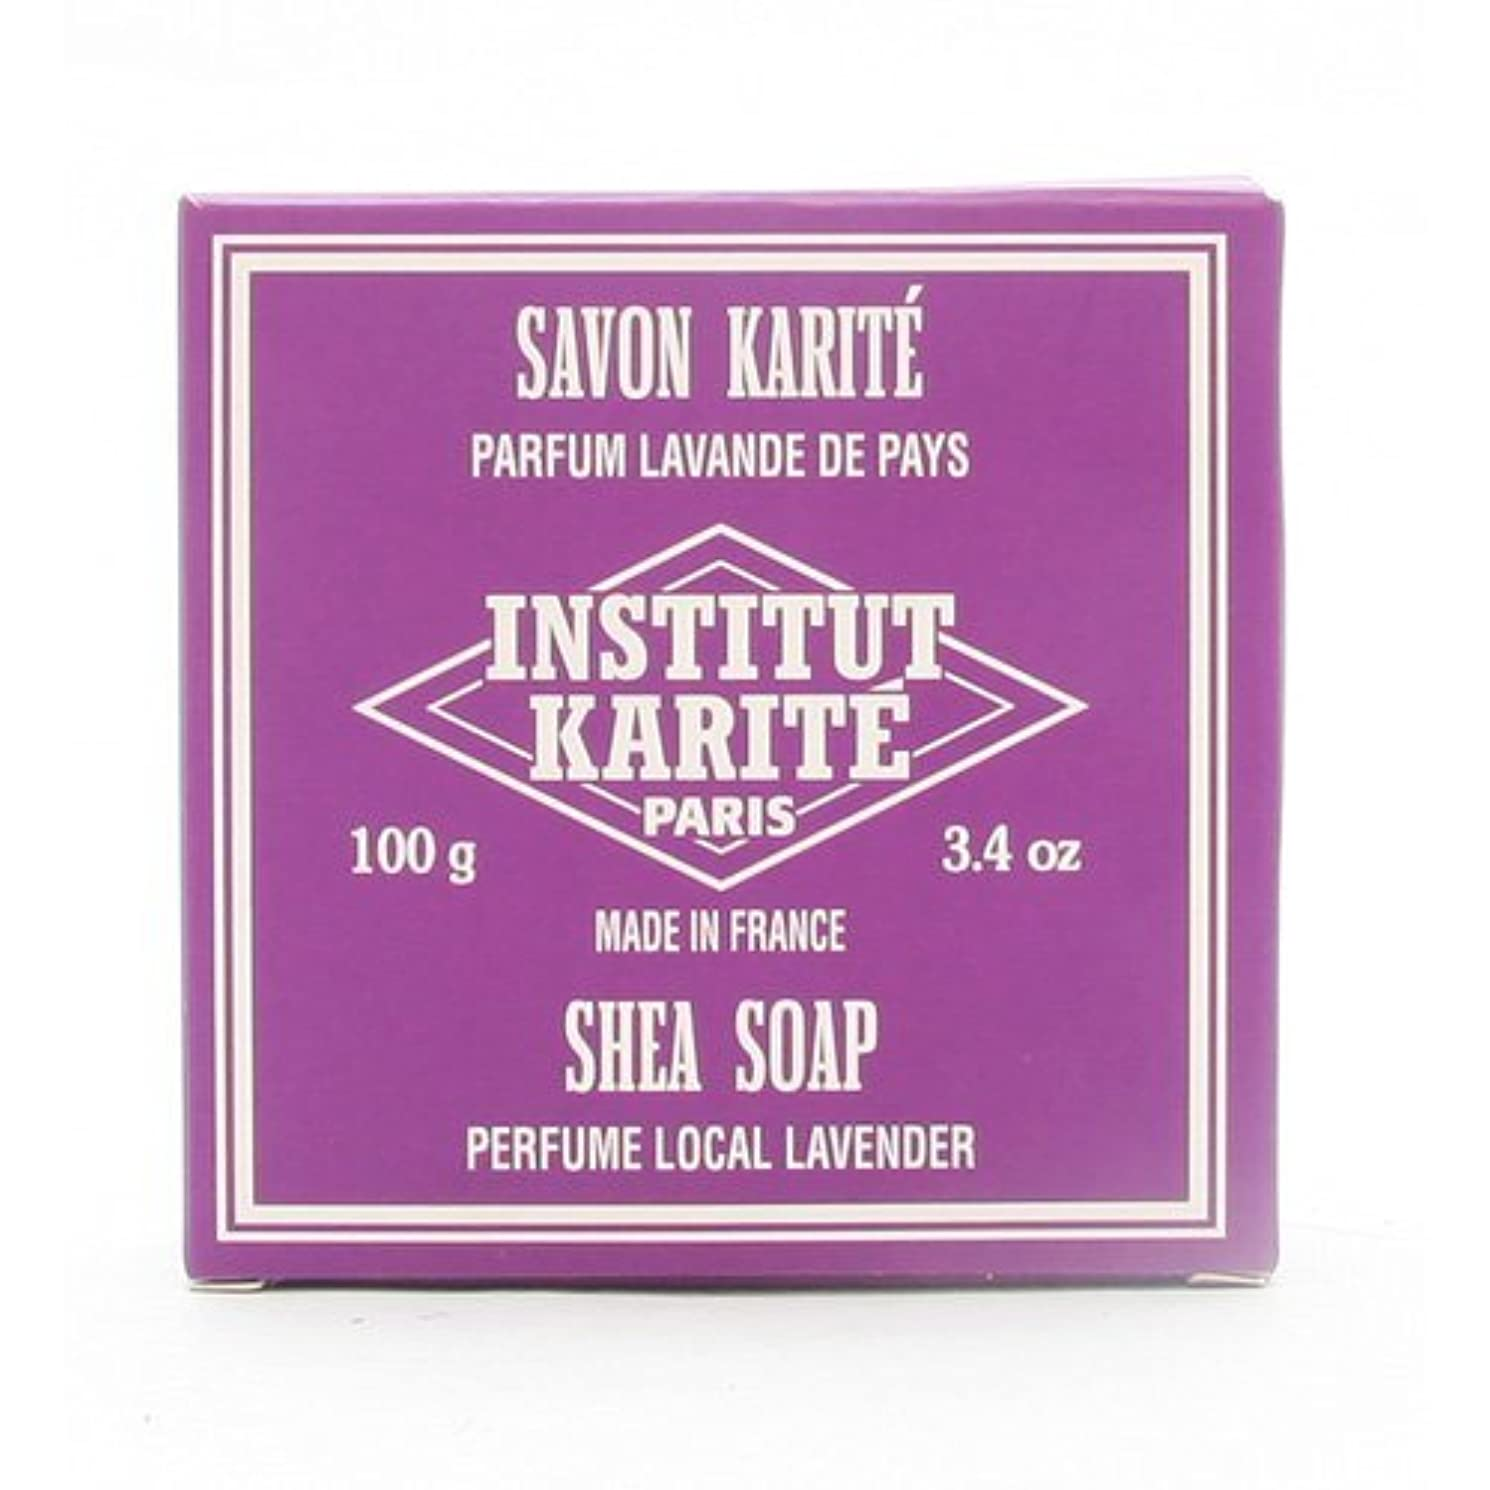 ステープル待つ倍増INSTITUT KARITE インスティテュート カリテ 25% Extra Gentle Soap ジェントルソープ 100g Local Lavender ローカルラベンダー